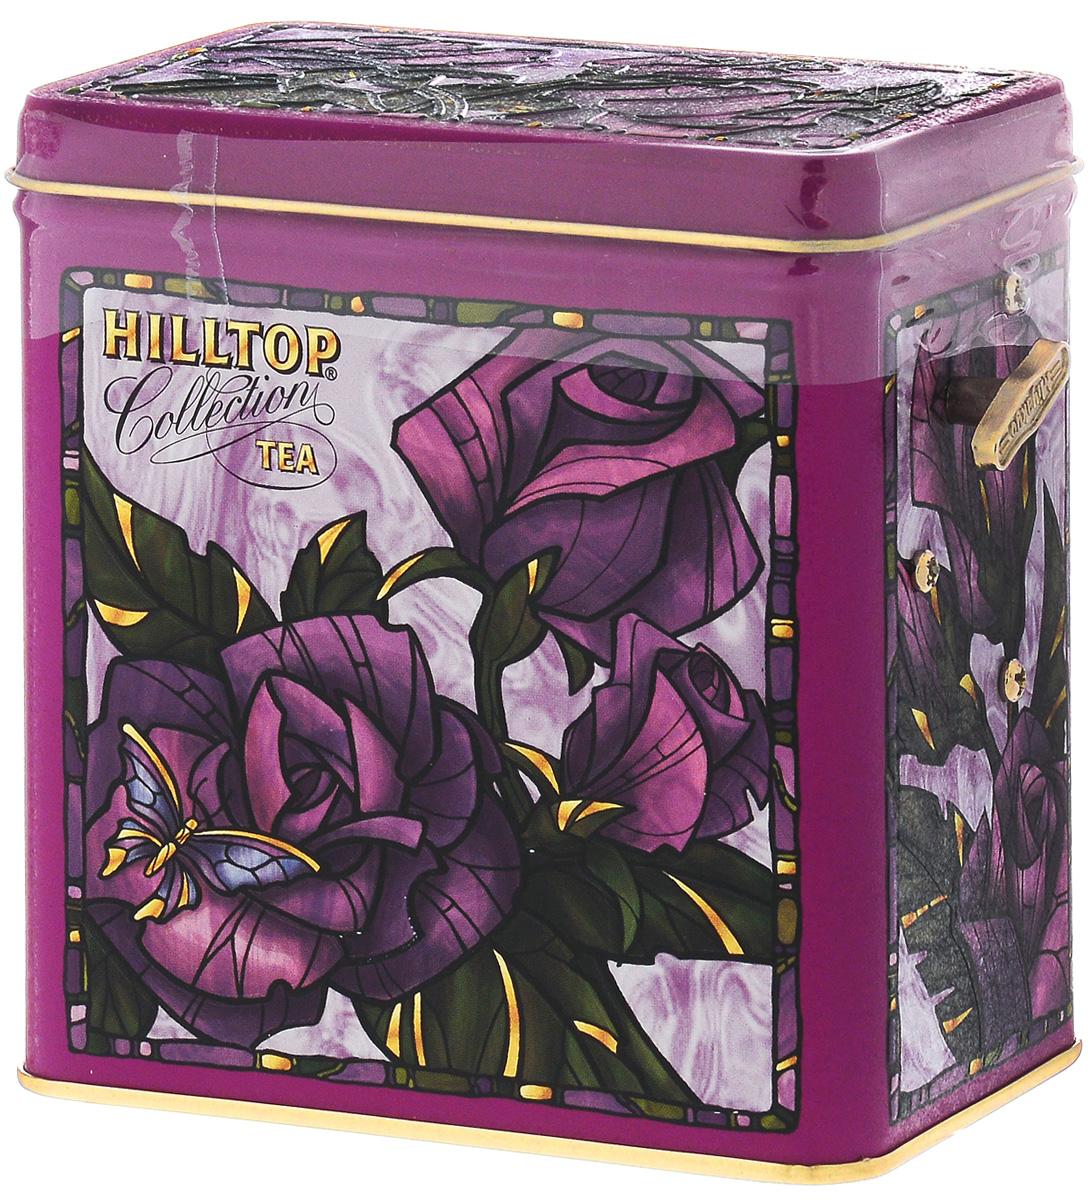 Hilltop Розы 1001 Ночь набор зеленого и черного листового чая в музыкальной шкатулке, 125 г4607099301009Hilltop Розы - смесь чёрных и зелёных байховых чаев с добавлением лепестков розы, жасмина, подсолнечника и сафлора, ароматизированная натуральными маслами. Оригинальная упаковка в виде музыкальной шкатулки будет великолепно смотреться на семейном застолье.